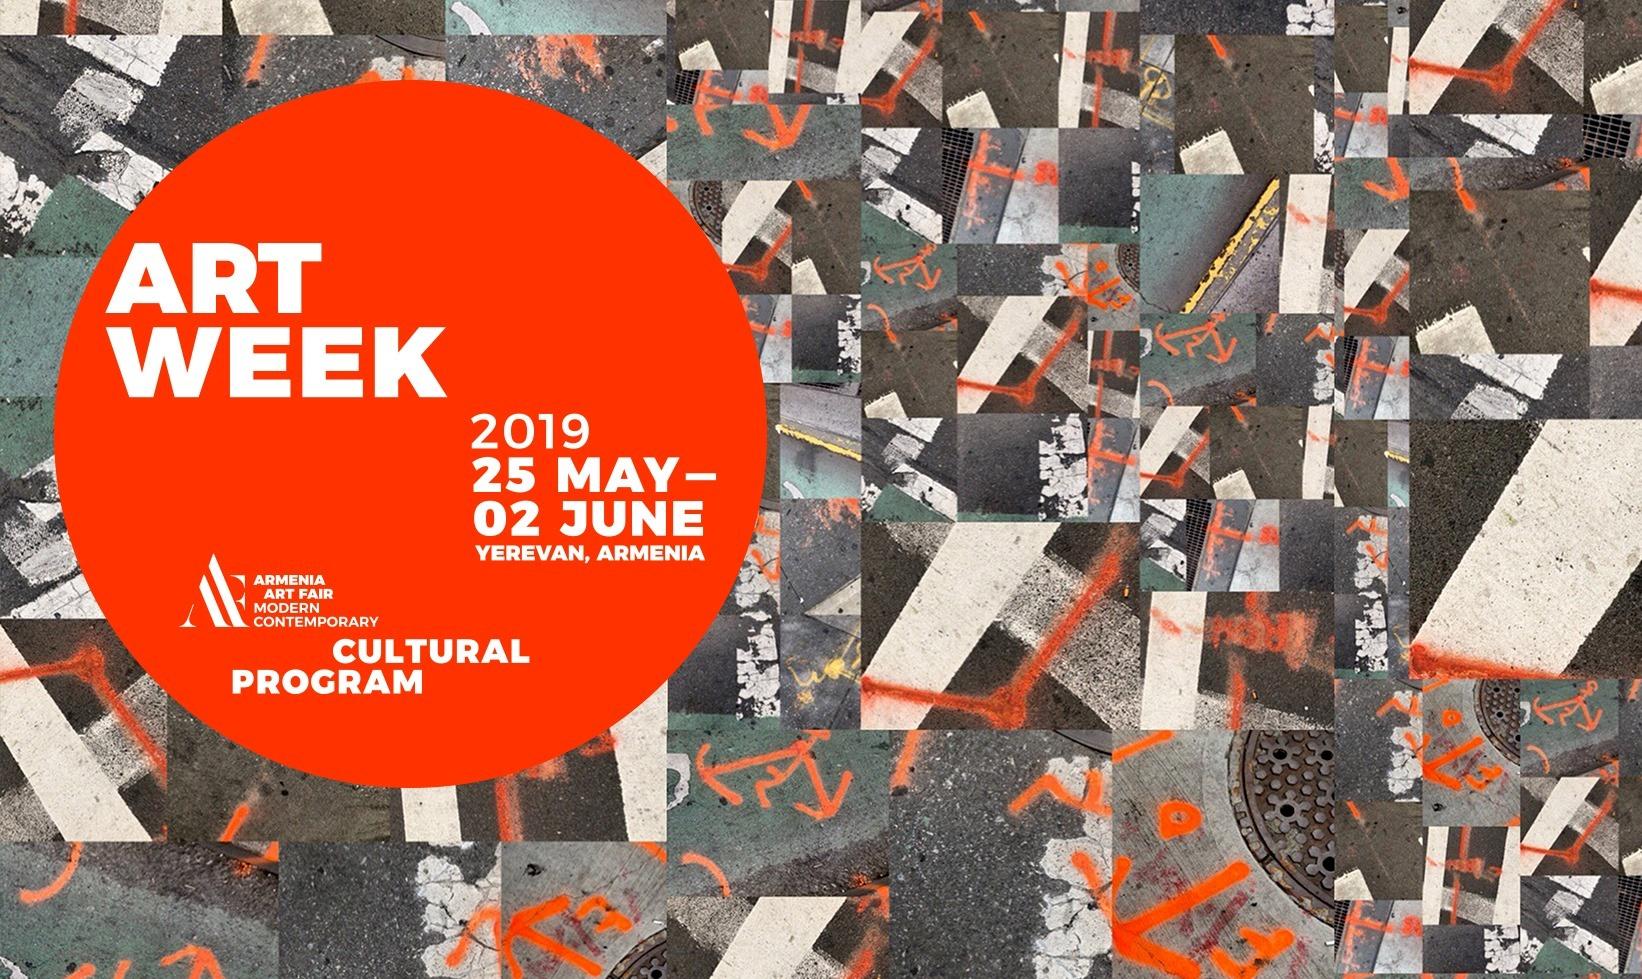 «Գյոթե կենտրոնի» ծրագիրը Armenia Art Fair-ի Արվեստի շաբաթ մշակութային ծրագրի և ԱրԷ կատարողական արվեստների փառատոնի շրջանակներում